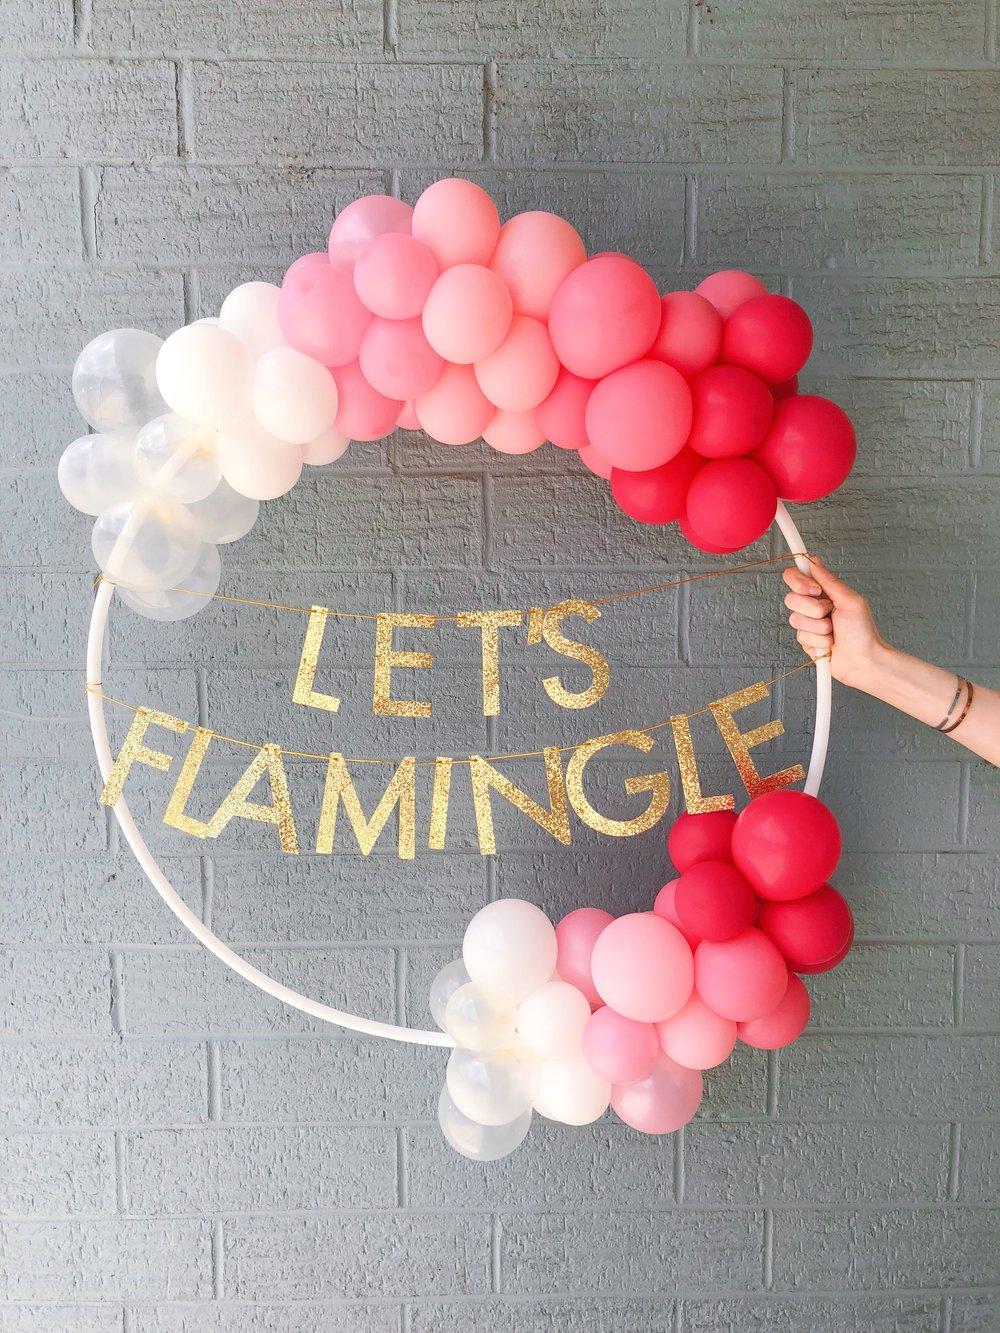 vroom_vroom_balloon_wreath_pink_bachelorette_lets_flamingle.JPG